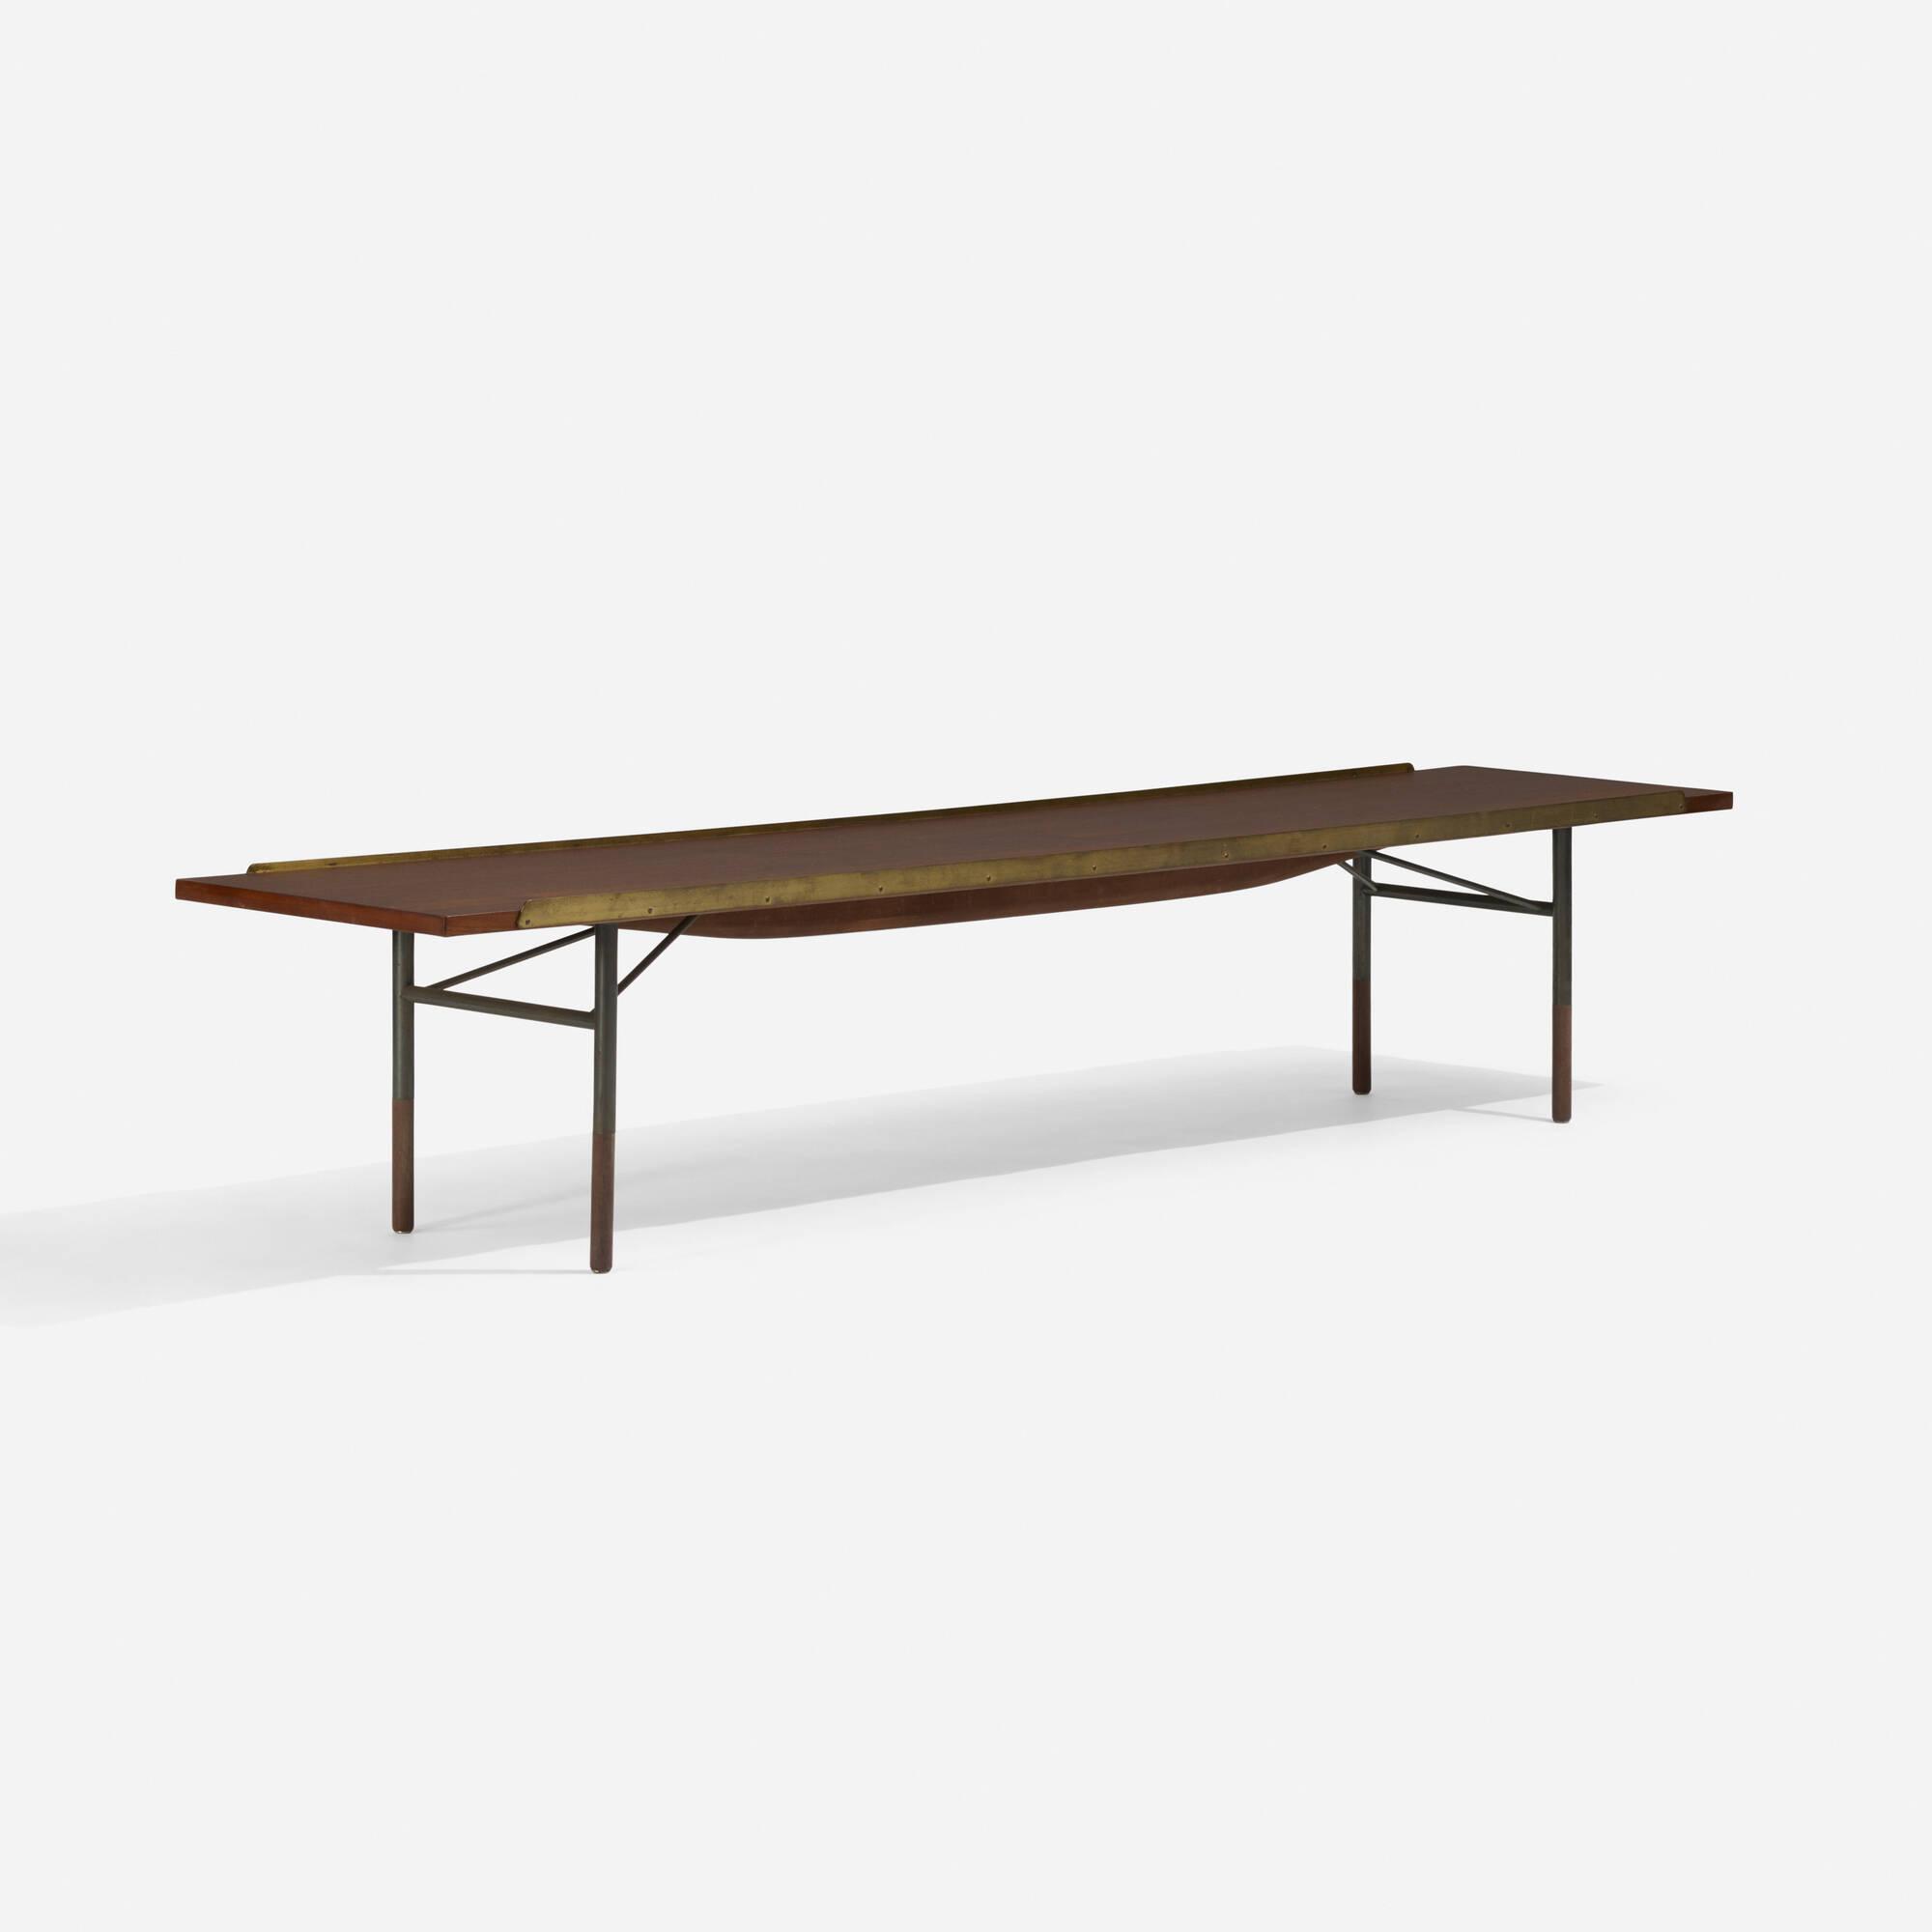 246: Finn Juhl / rare bench (1 of 1)